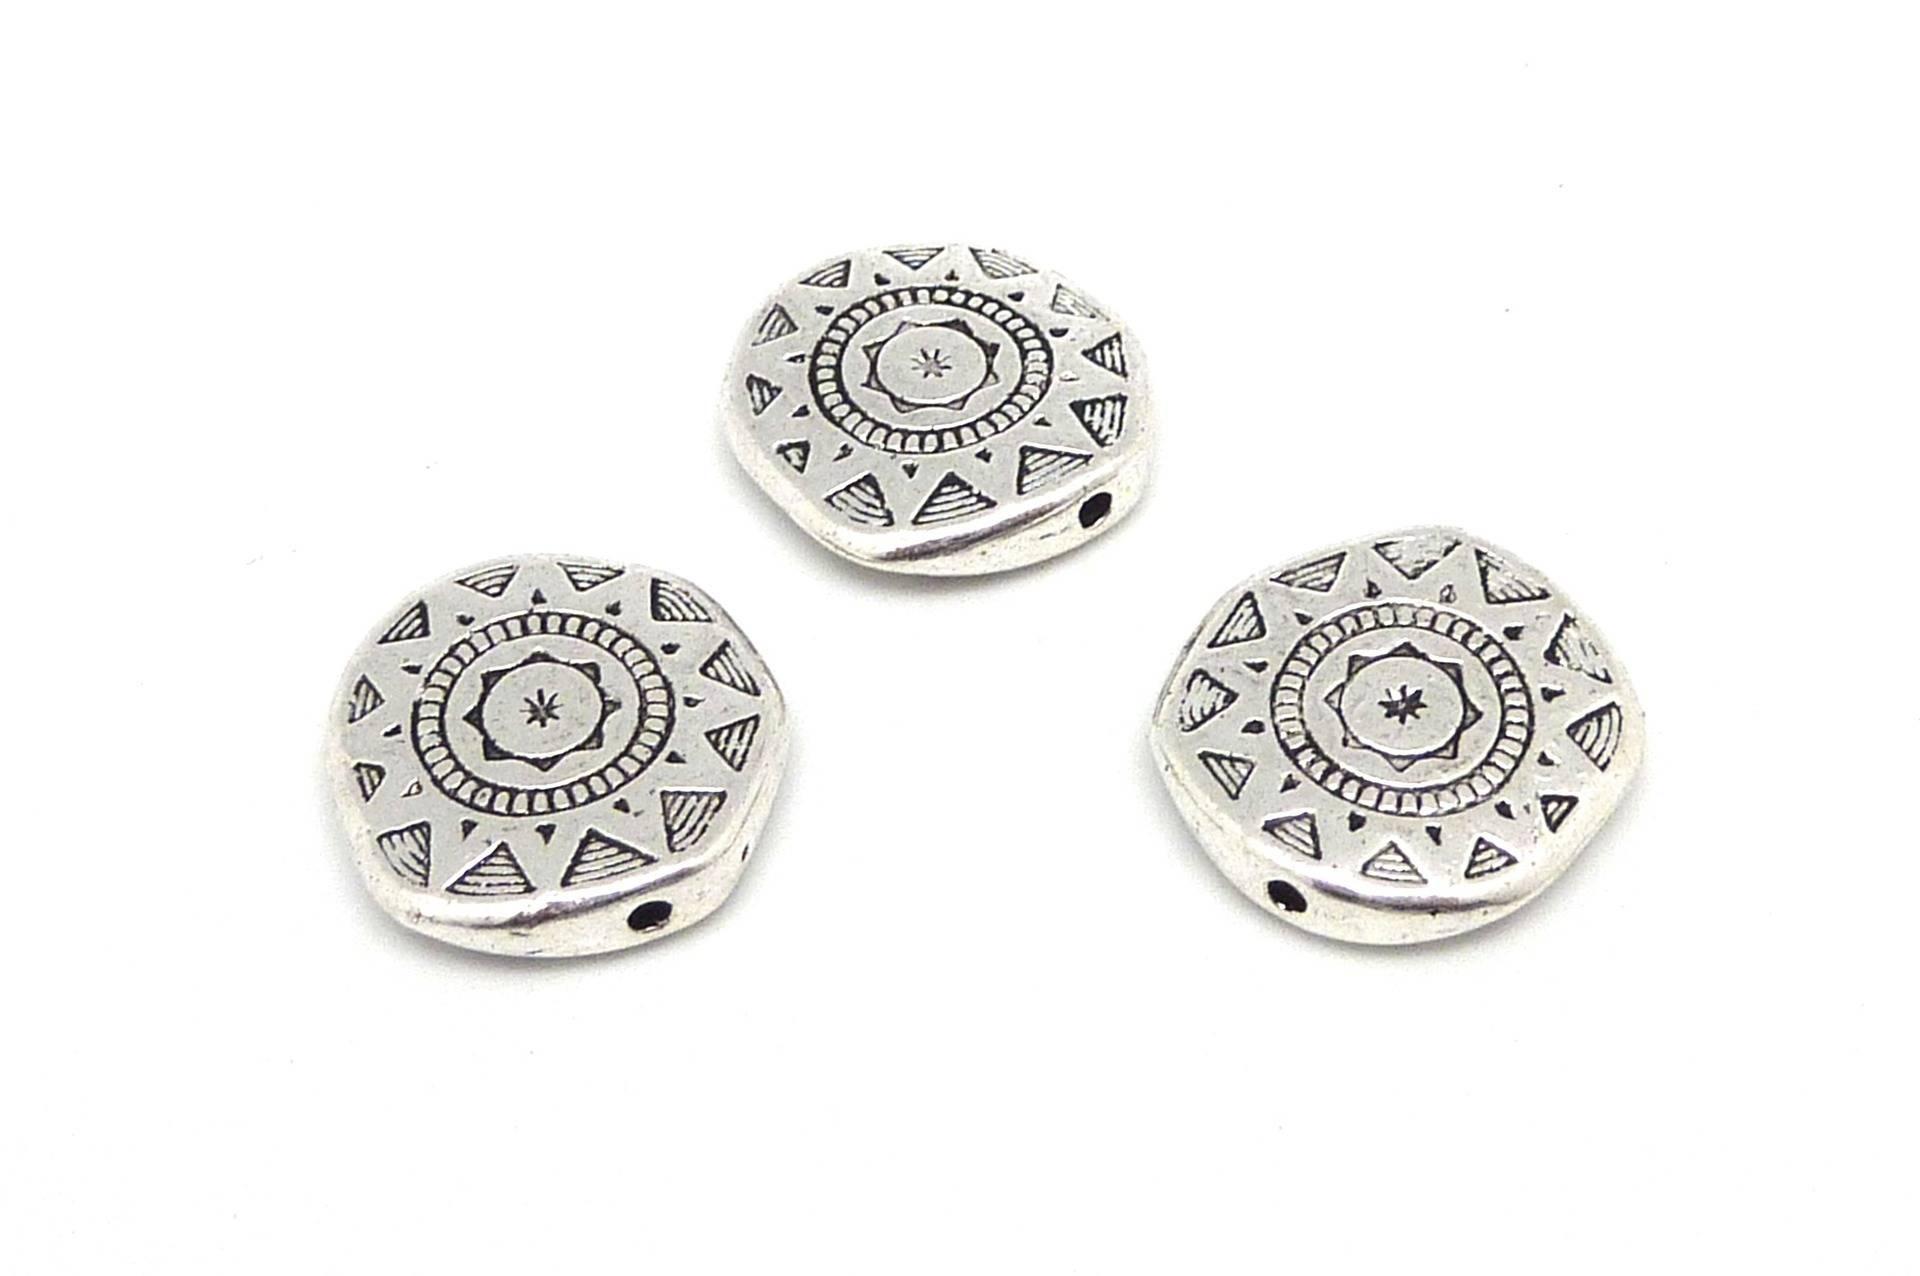 3 Perles plates, pastille travaillé style ethnique motif soleil étoilé 17mm en métal argenté gravé